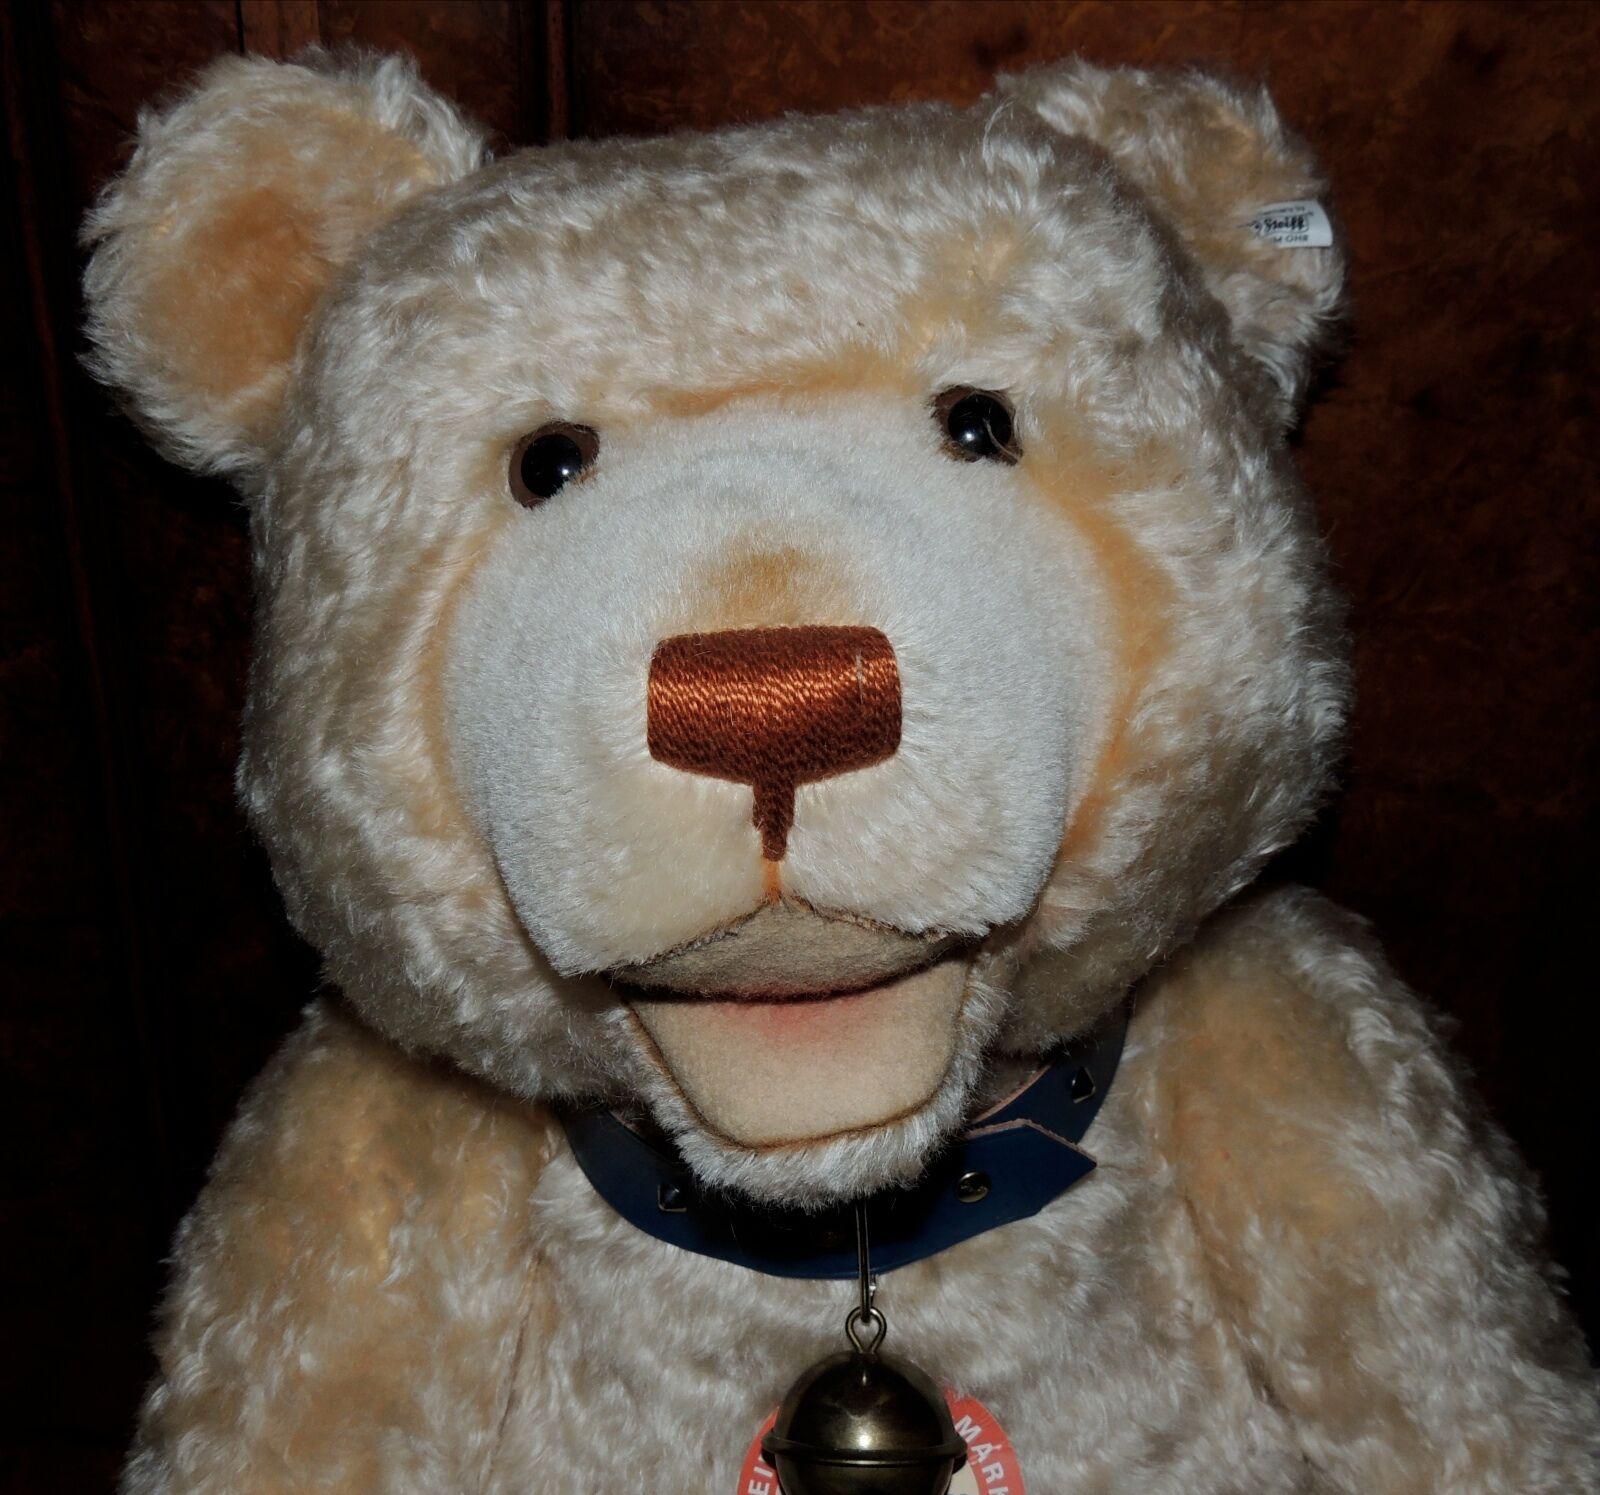 STEIFF TEDDY BABY 1949 REPLICA LIMITED EDITION 75 CM BEAR IN ORIGINAL BOX